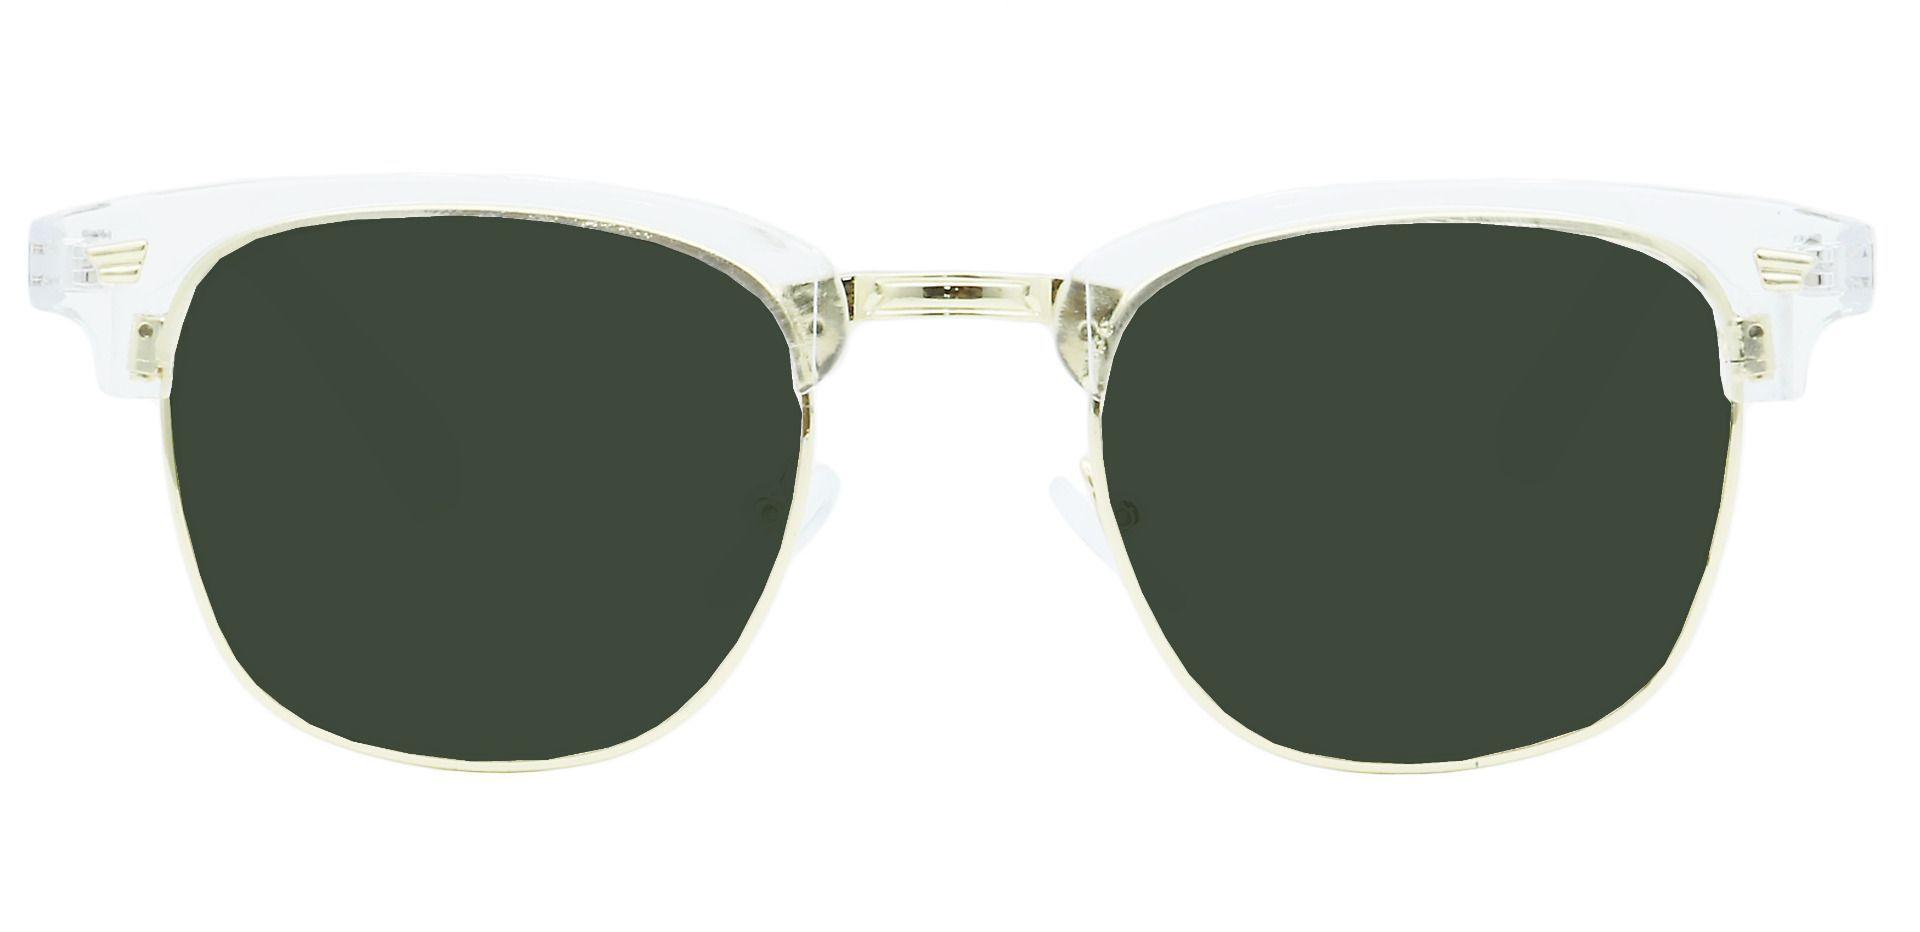 Ella Browline Prescription Sunglasses - Clear Frame With Green Lenses